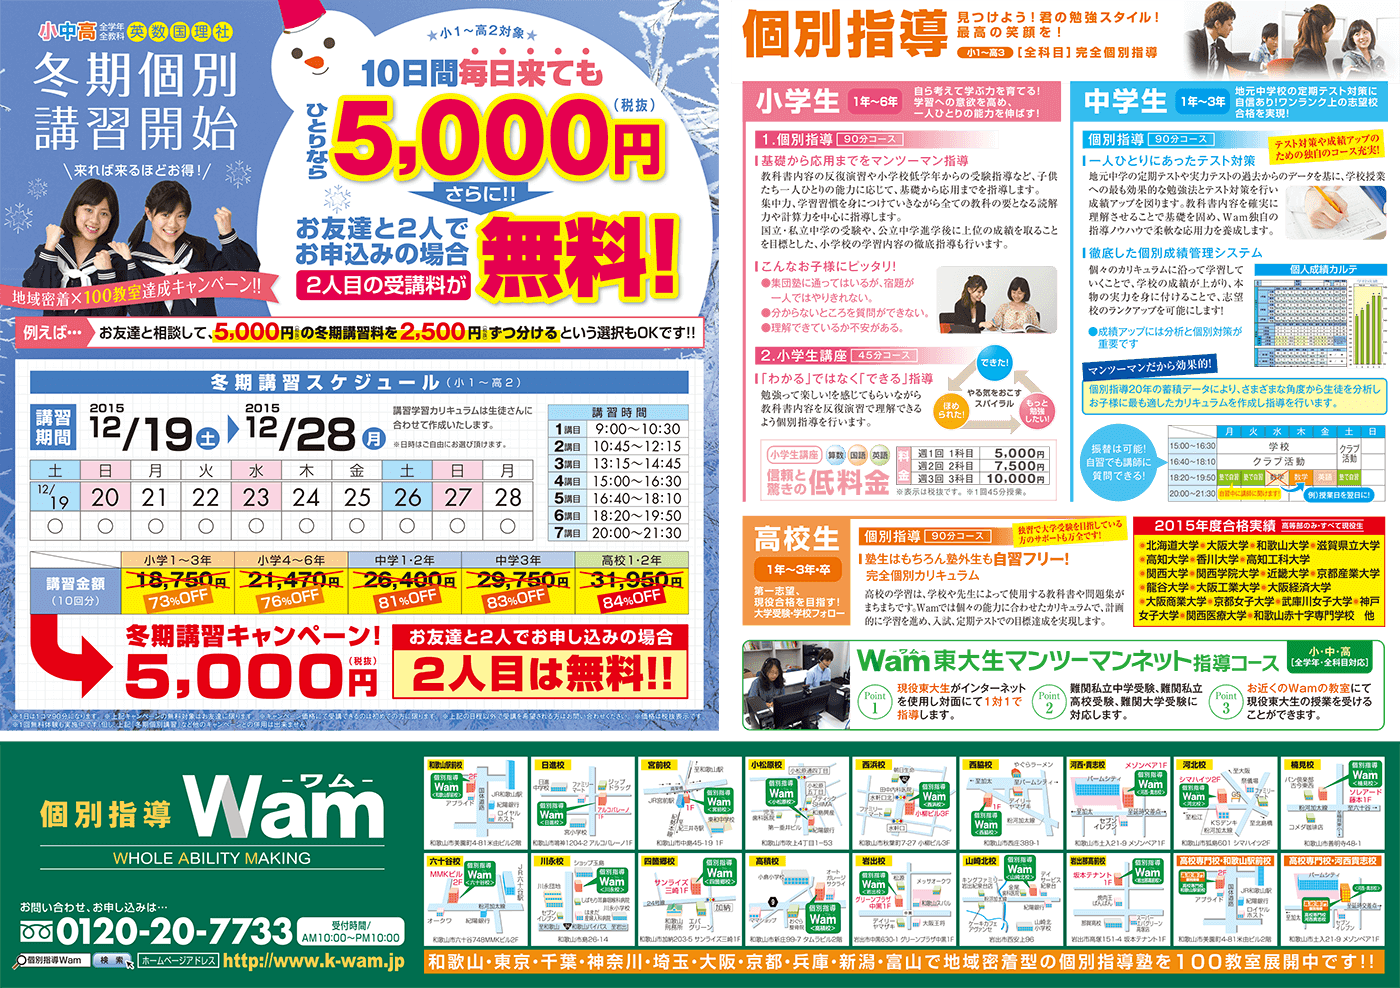 2015年冬期講習 和歌山・ウラ面